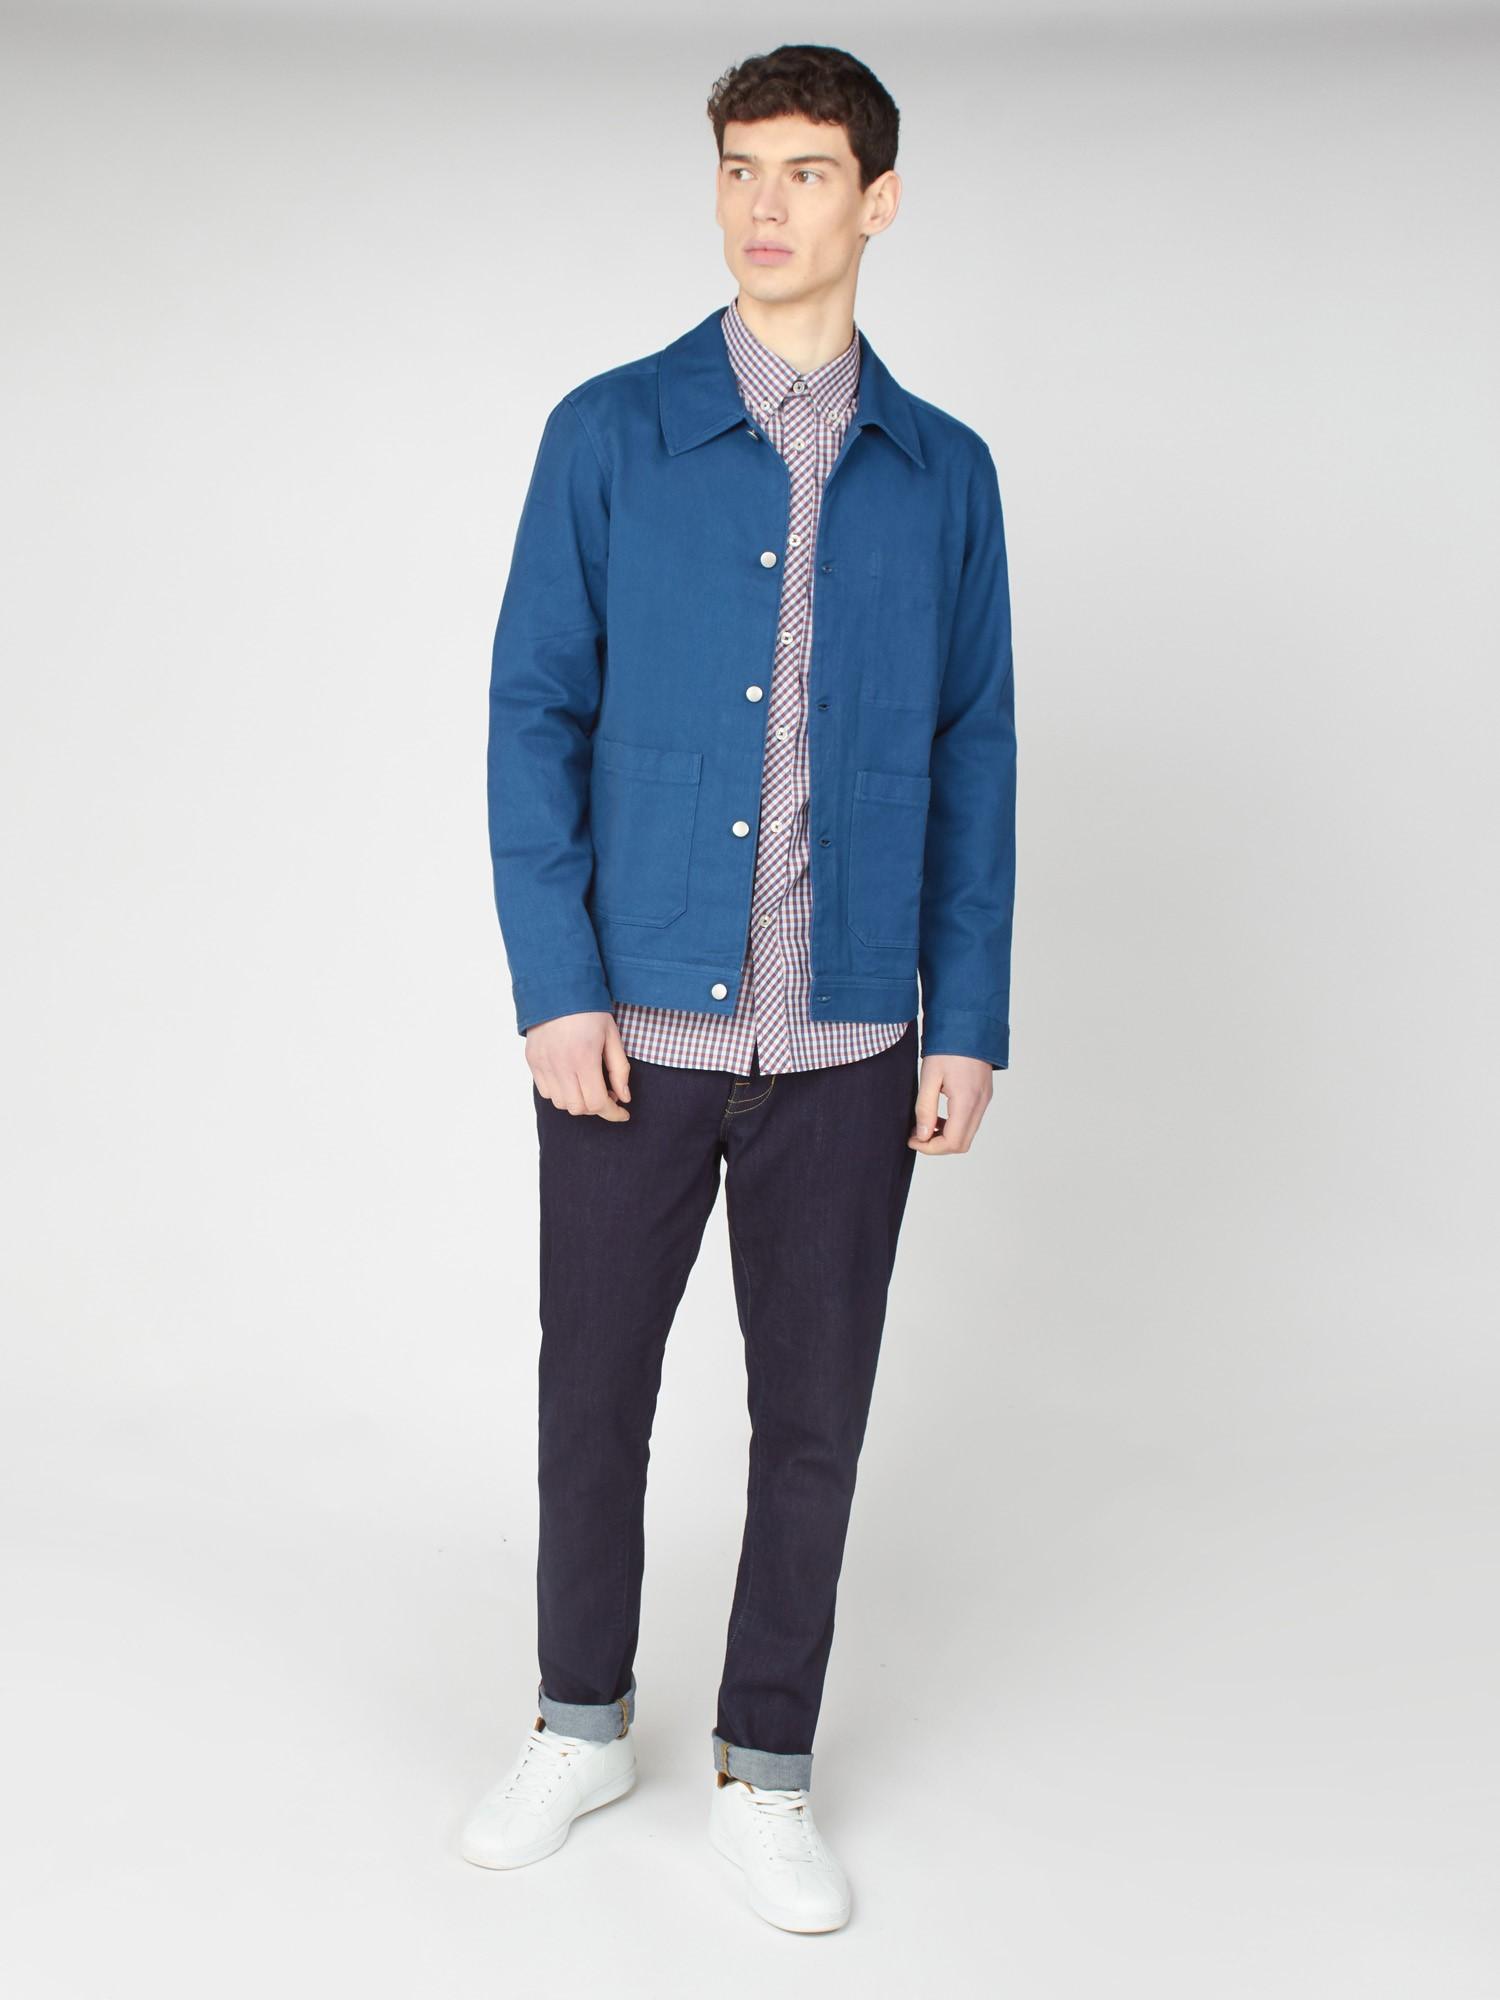 Summer Trucker Shirt Jacket